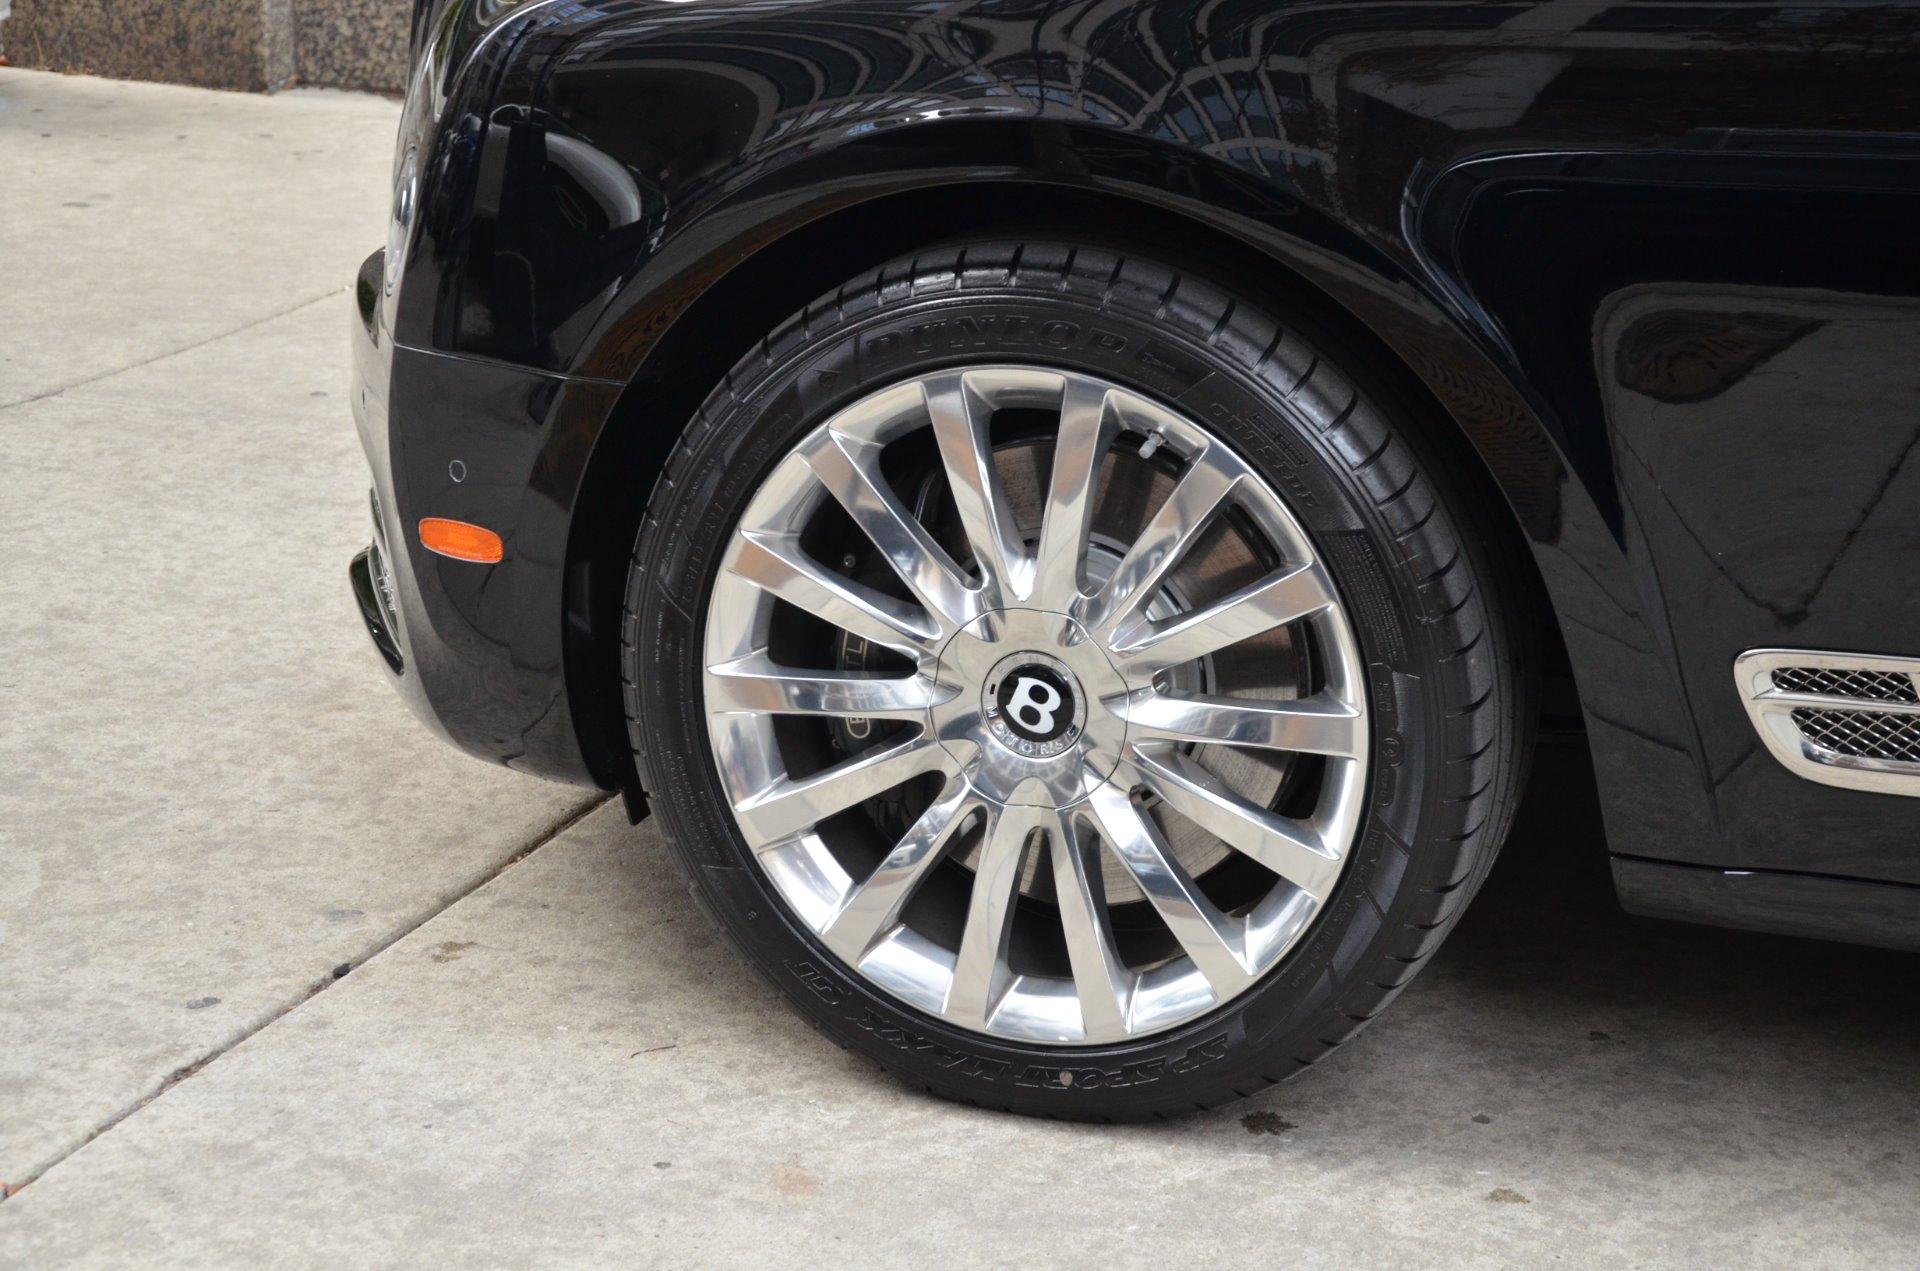 New 2017 Bentley Mulsanne | Chicago IL & 2017 Bentley Mulsanne Stock # BD220-S for sale near Chicago IL | IL ...